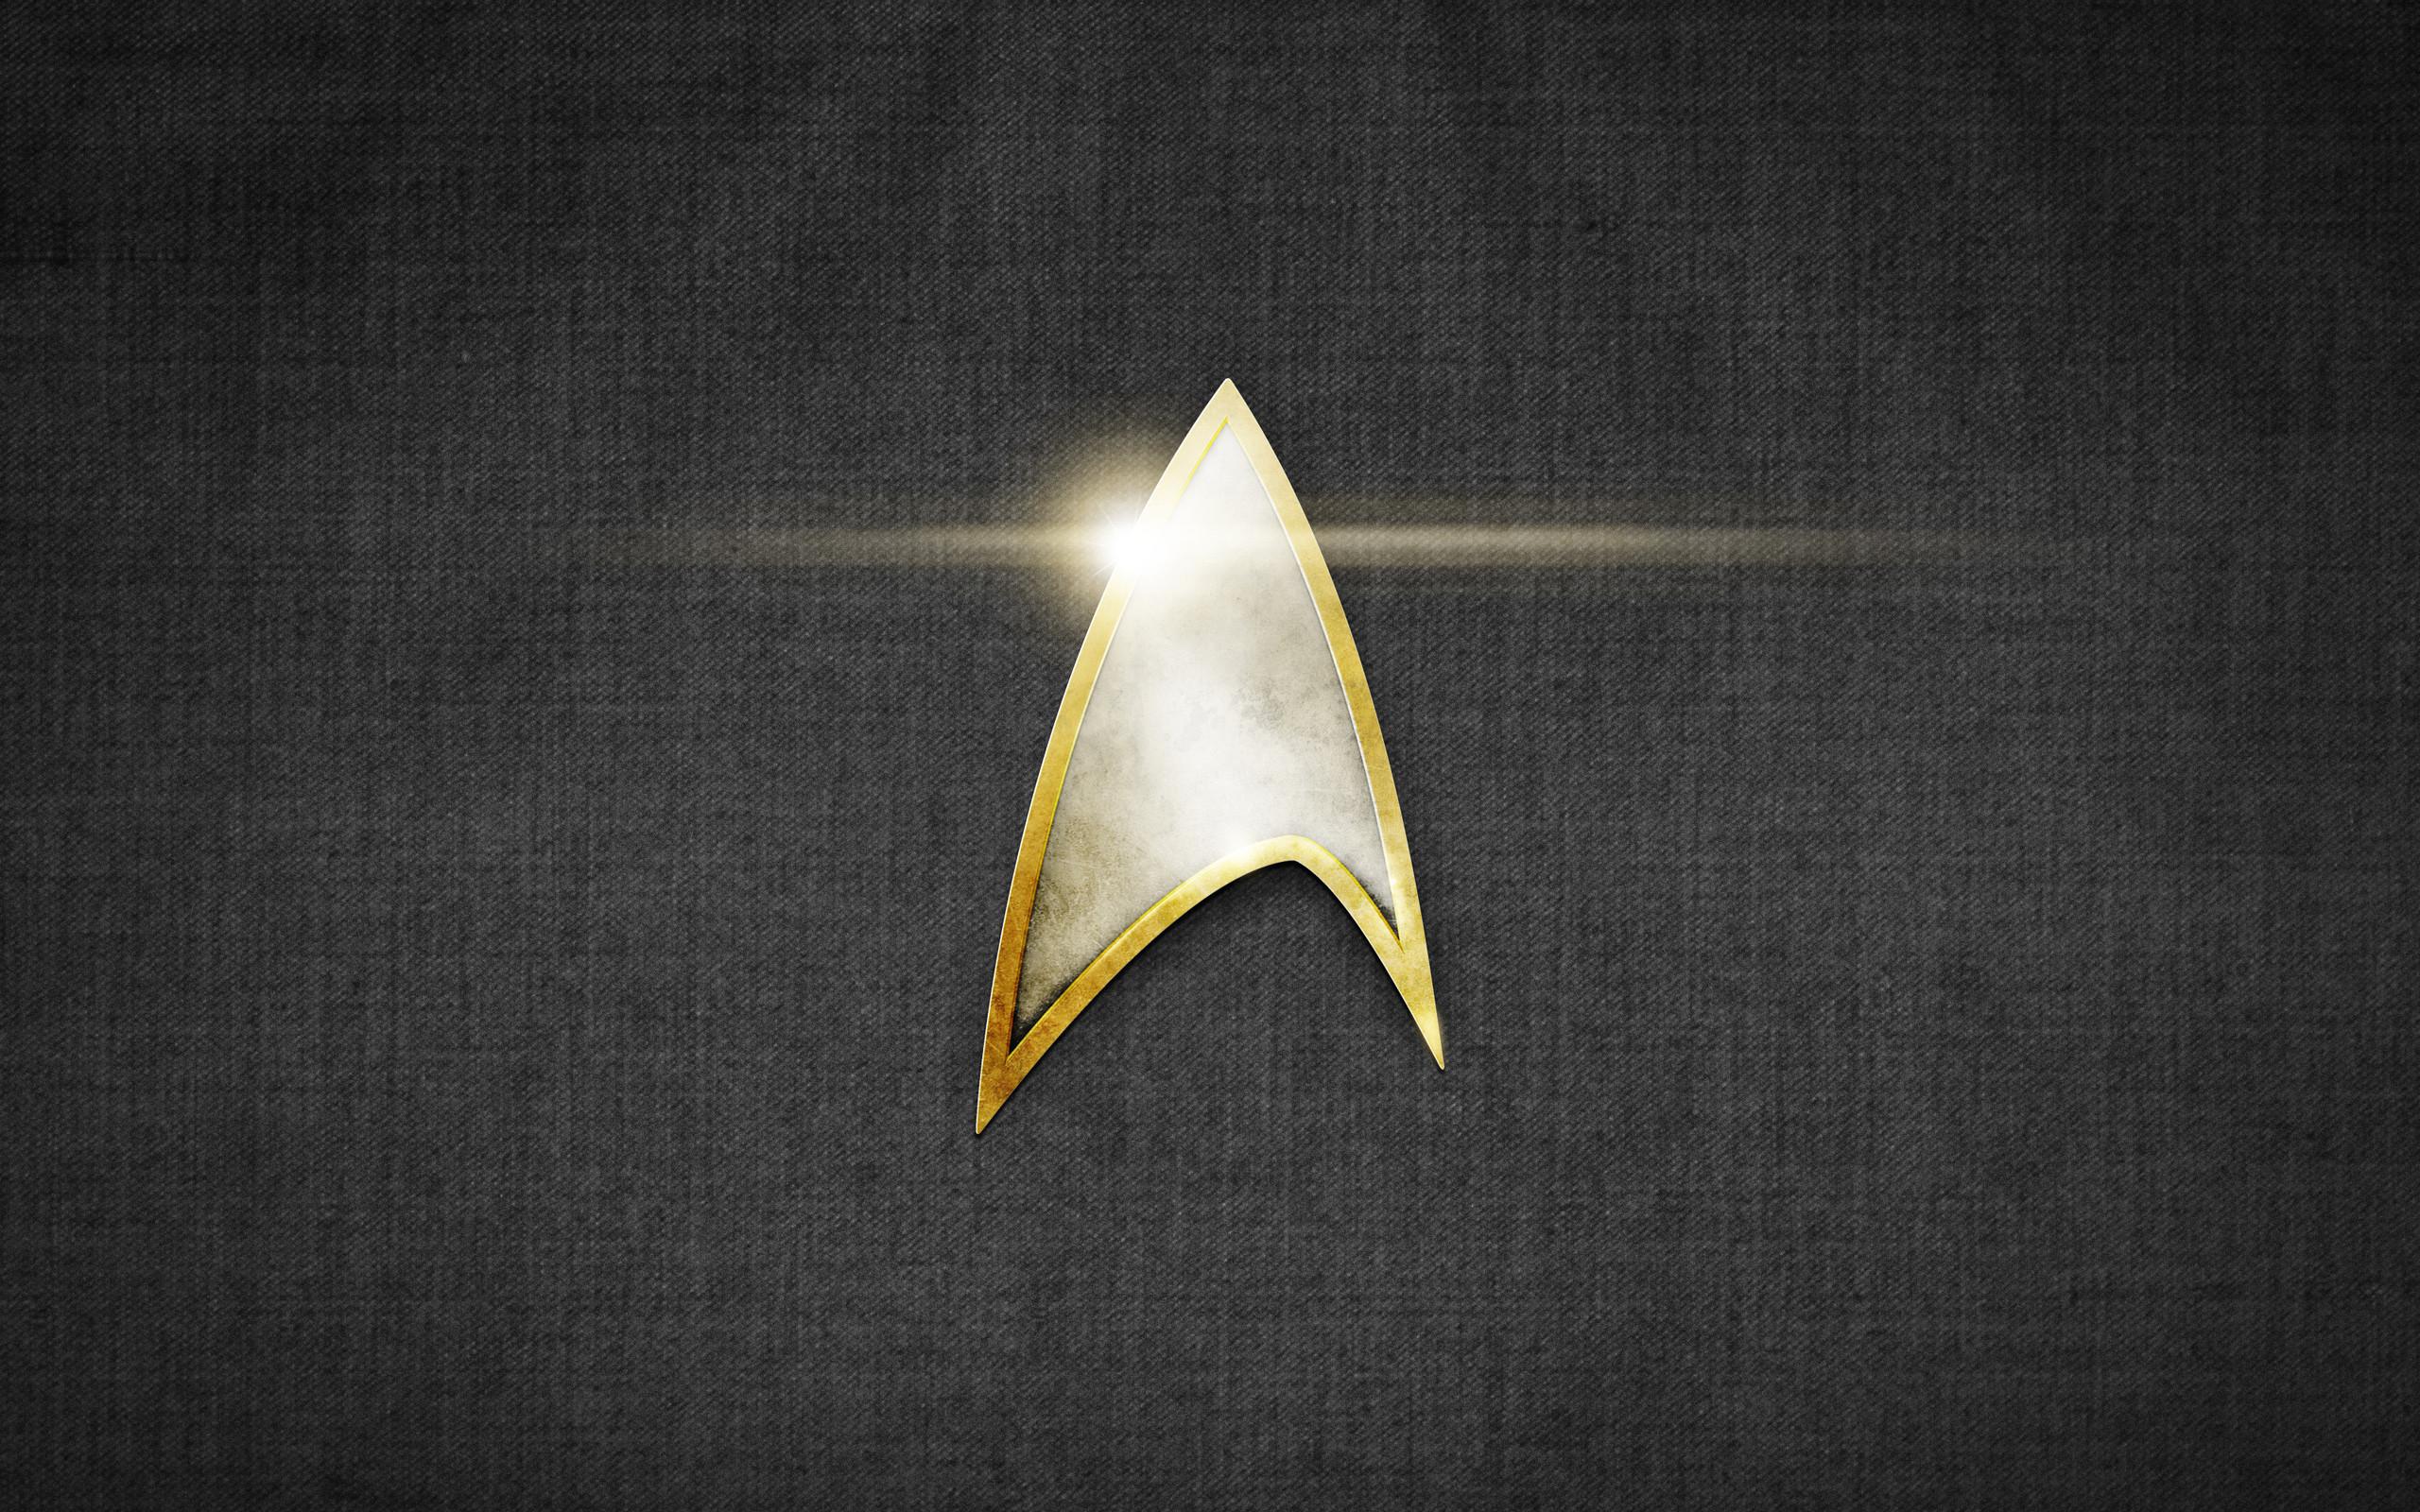 25 best ideas about <b>Star Trek Wallpaper</b> on Pinterest